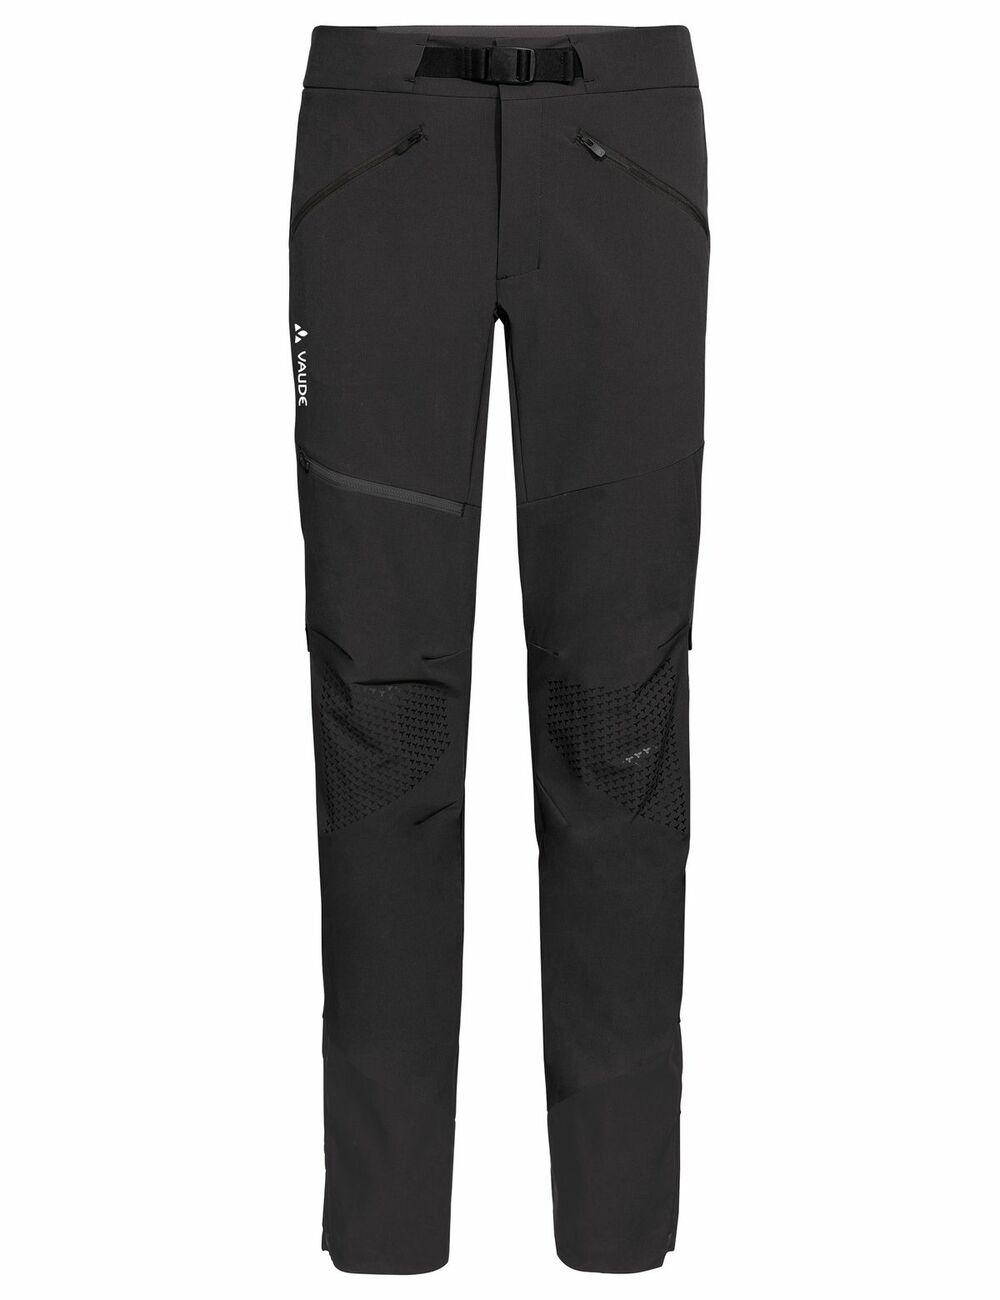 Vaude Croz Pants II